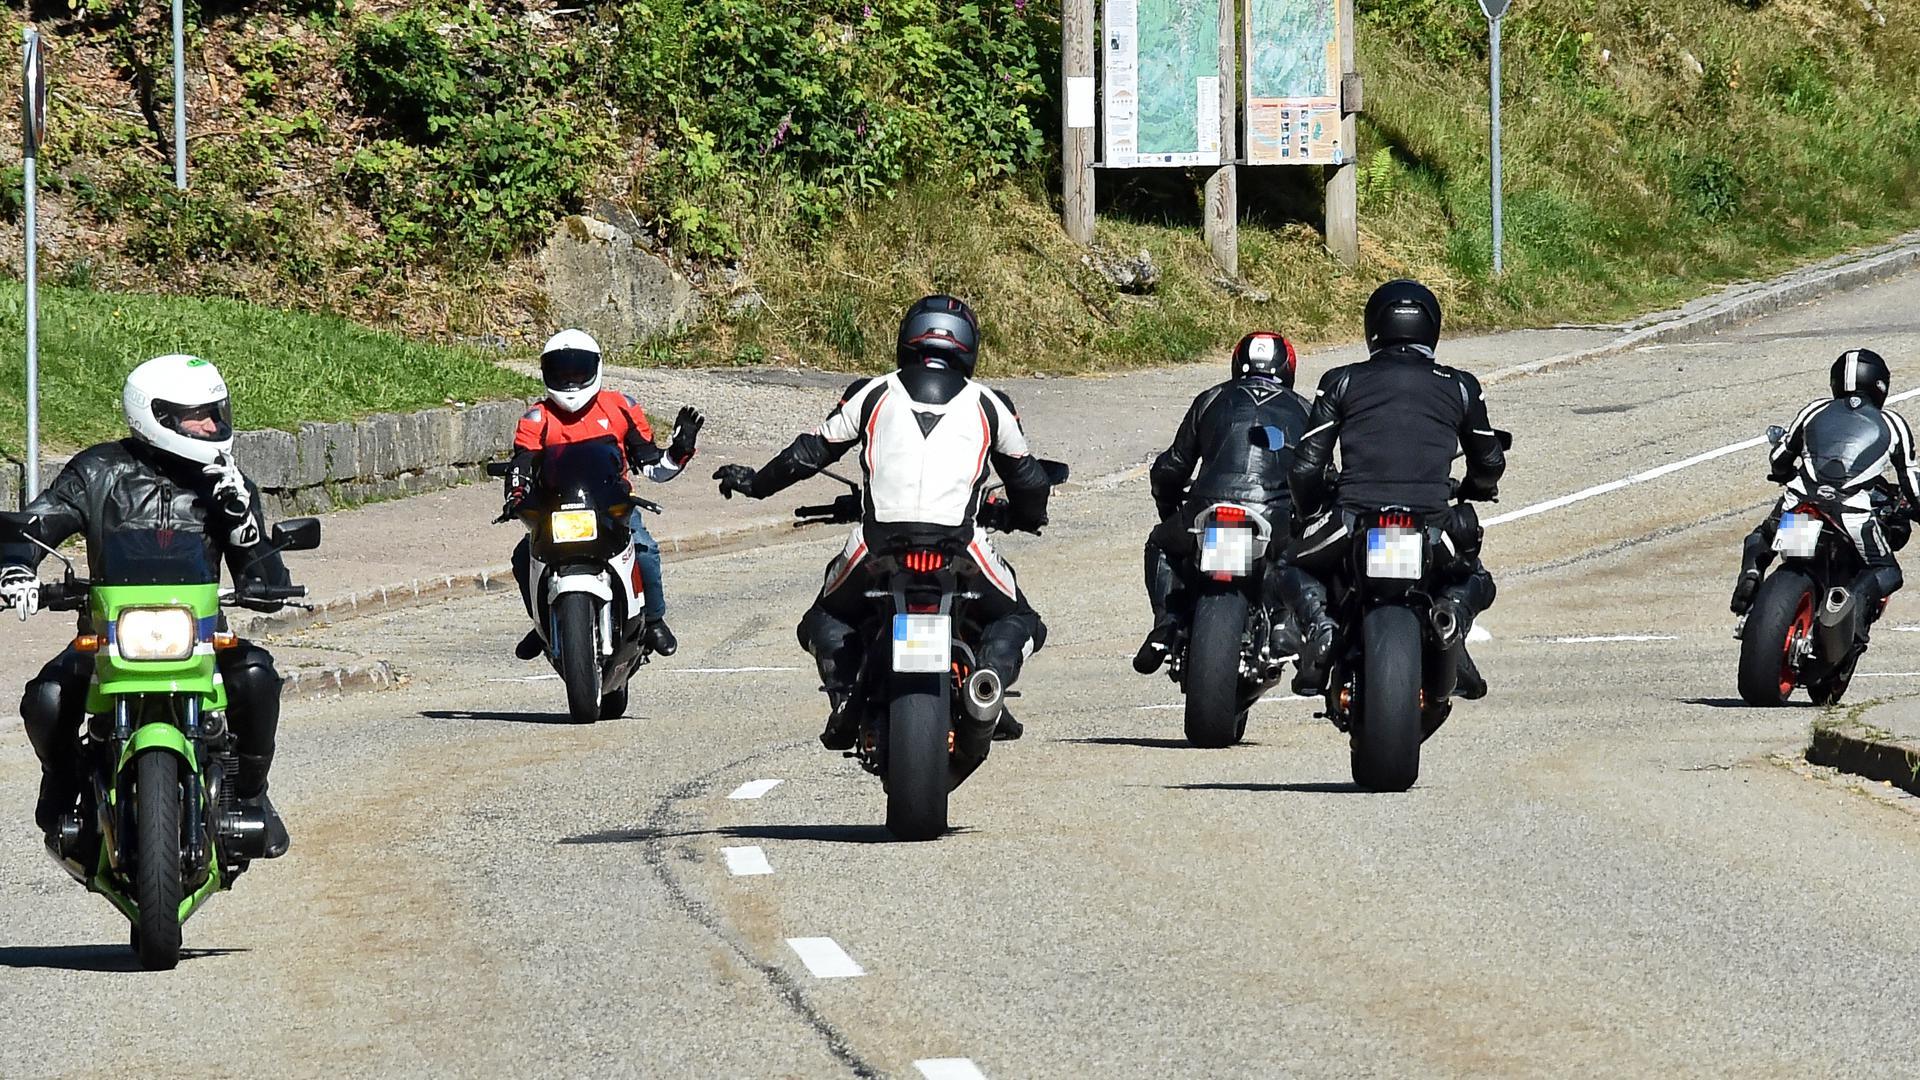 Motorradfahrer auf einer beliebten Strecke.